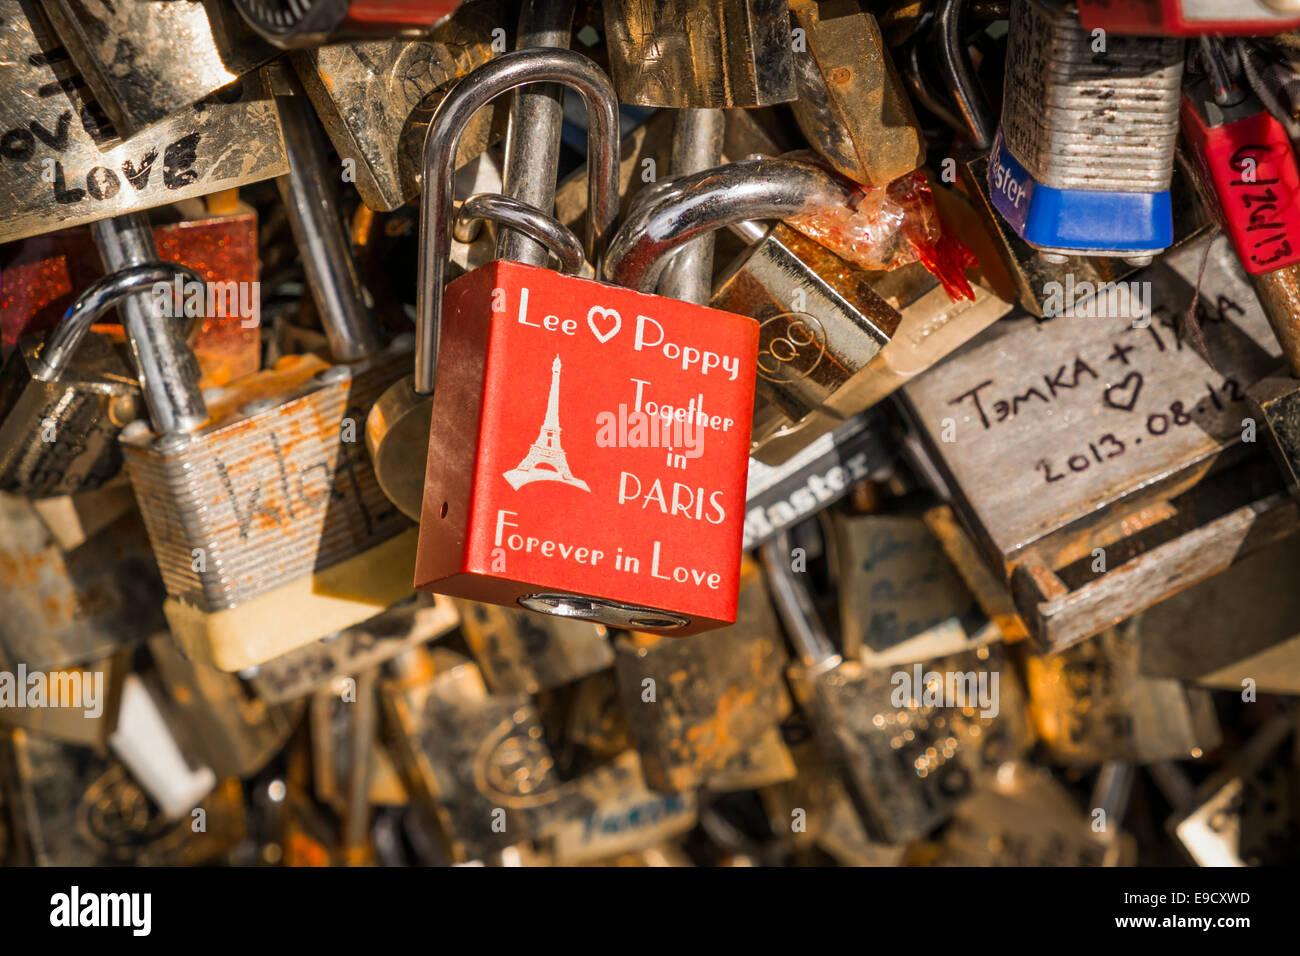 Rote Liebe Sperre mit der Gravur Lee, Mohn, in Paris, für immer in der Liebe, auf dem Geländer der Pont Stockbild